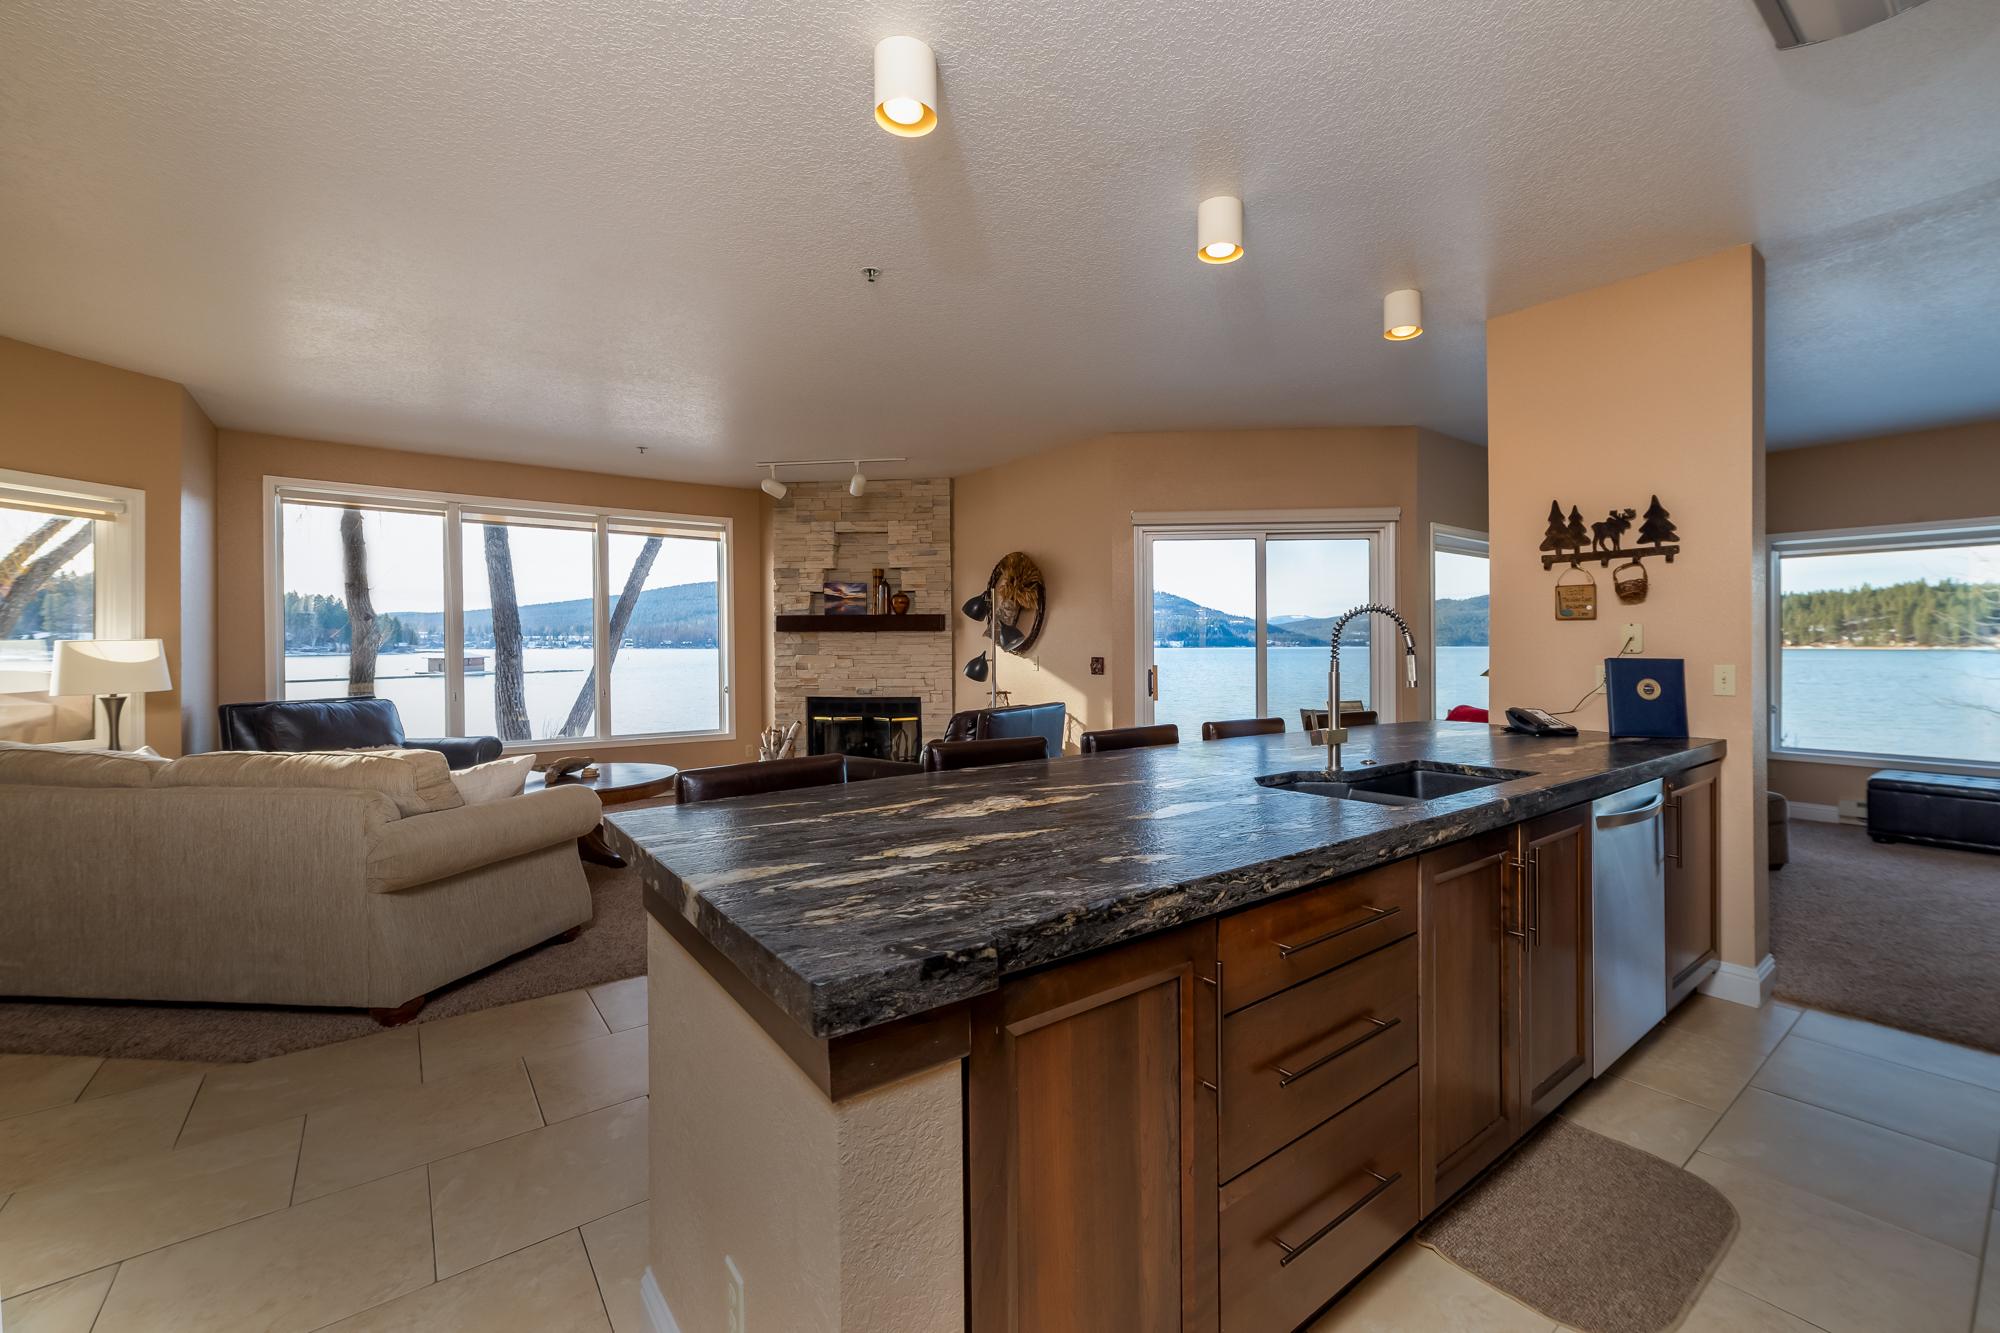 Lakeside Suite - Premium Two-bedroom Condominium